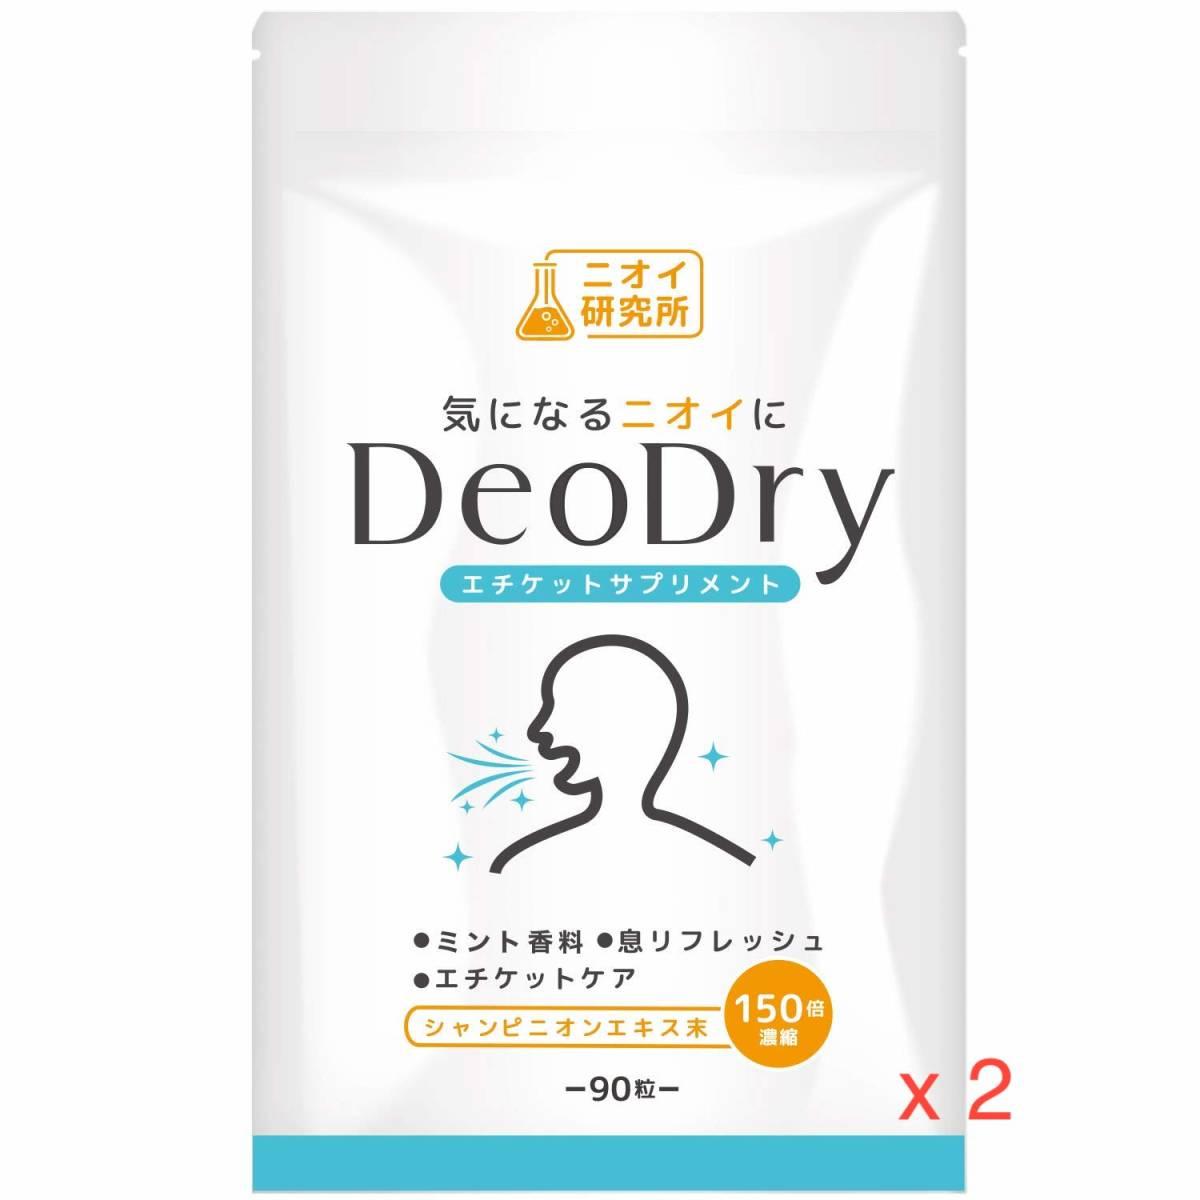 【即日発送】ニオイ研究所 DeoDry シャンピニオン デオアタック 緑茶ポリフェノール 90粒 30日分 x 2